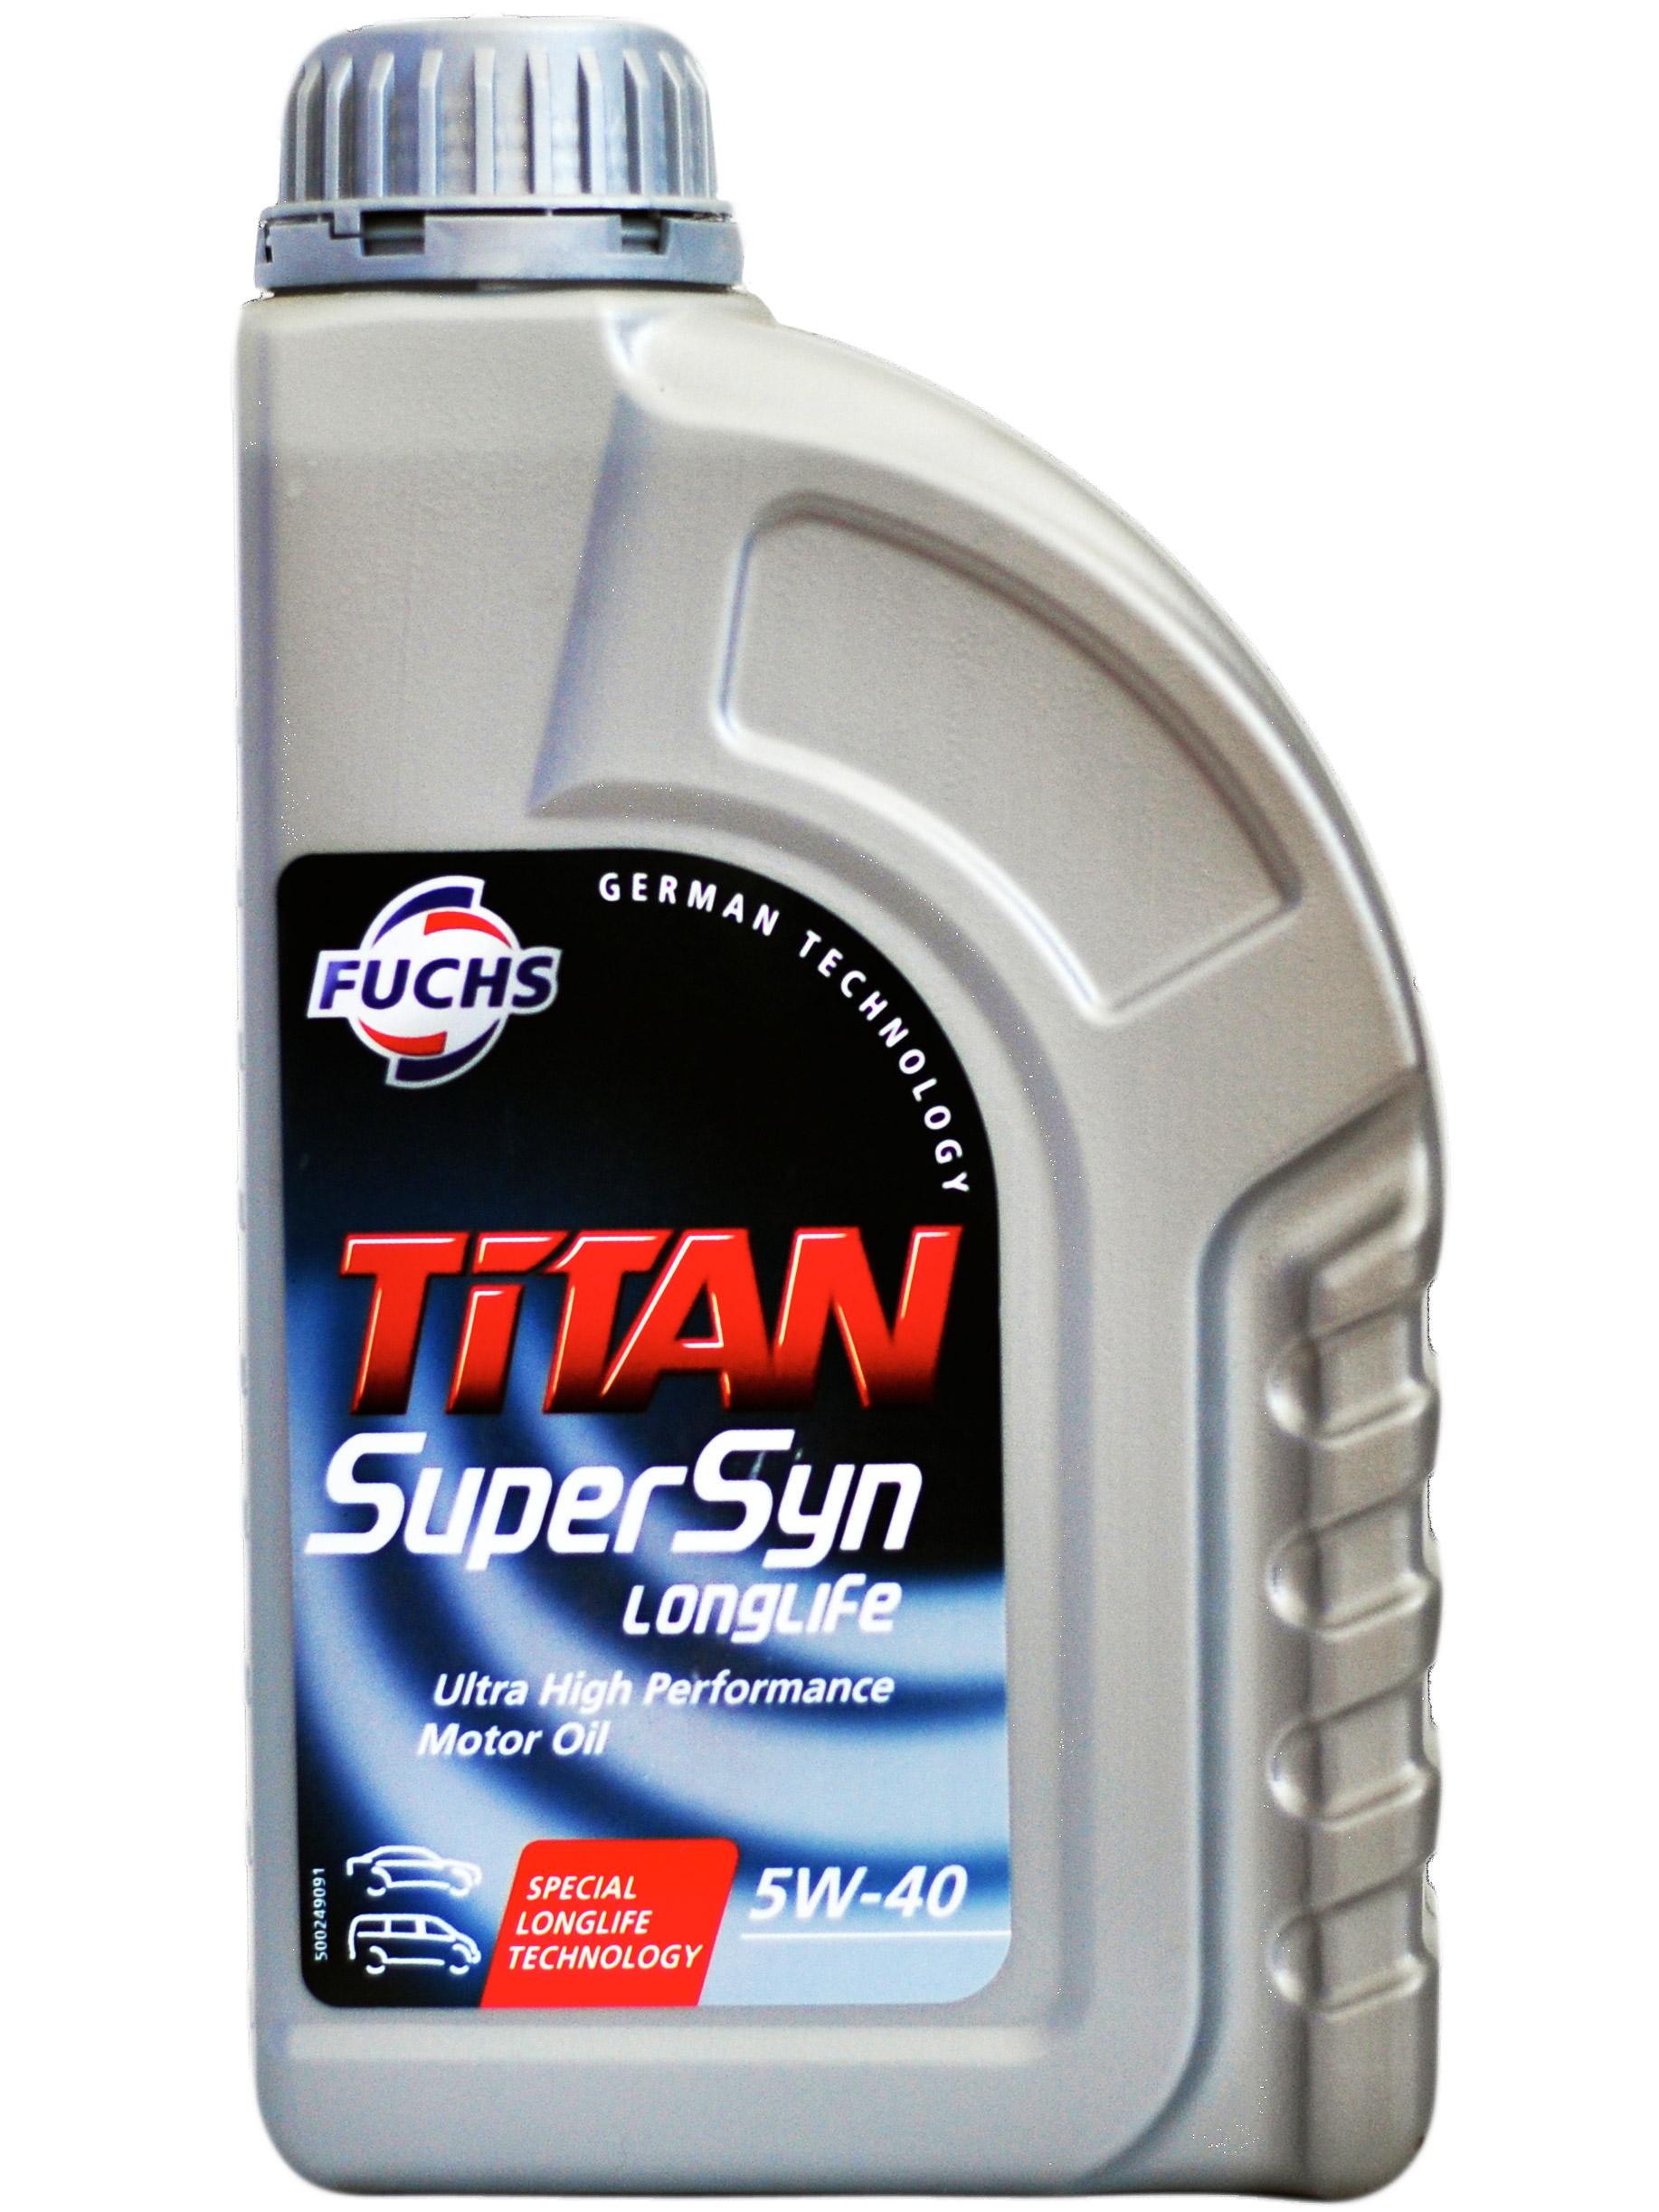 5W40 FUCHS TITAN Supersyn Longlife 1L